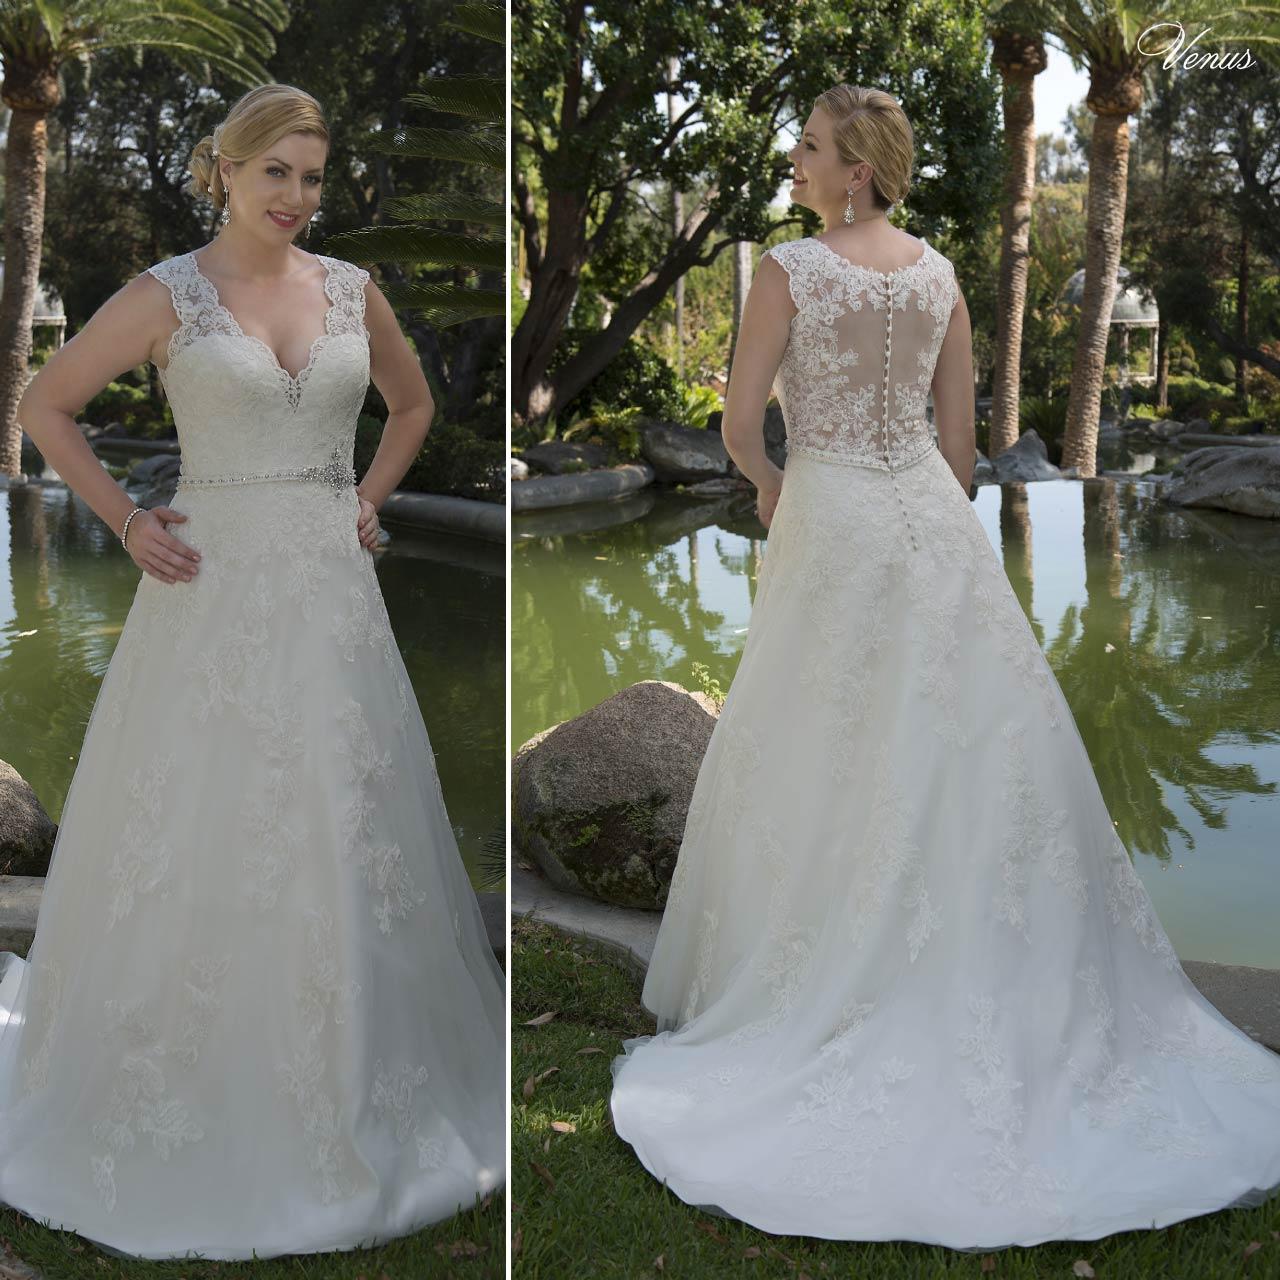 ... Abito da sposa per taglie forti articolo VW8738B Venus Bridal Italia ... 7f3ff6bd87e